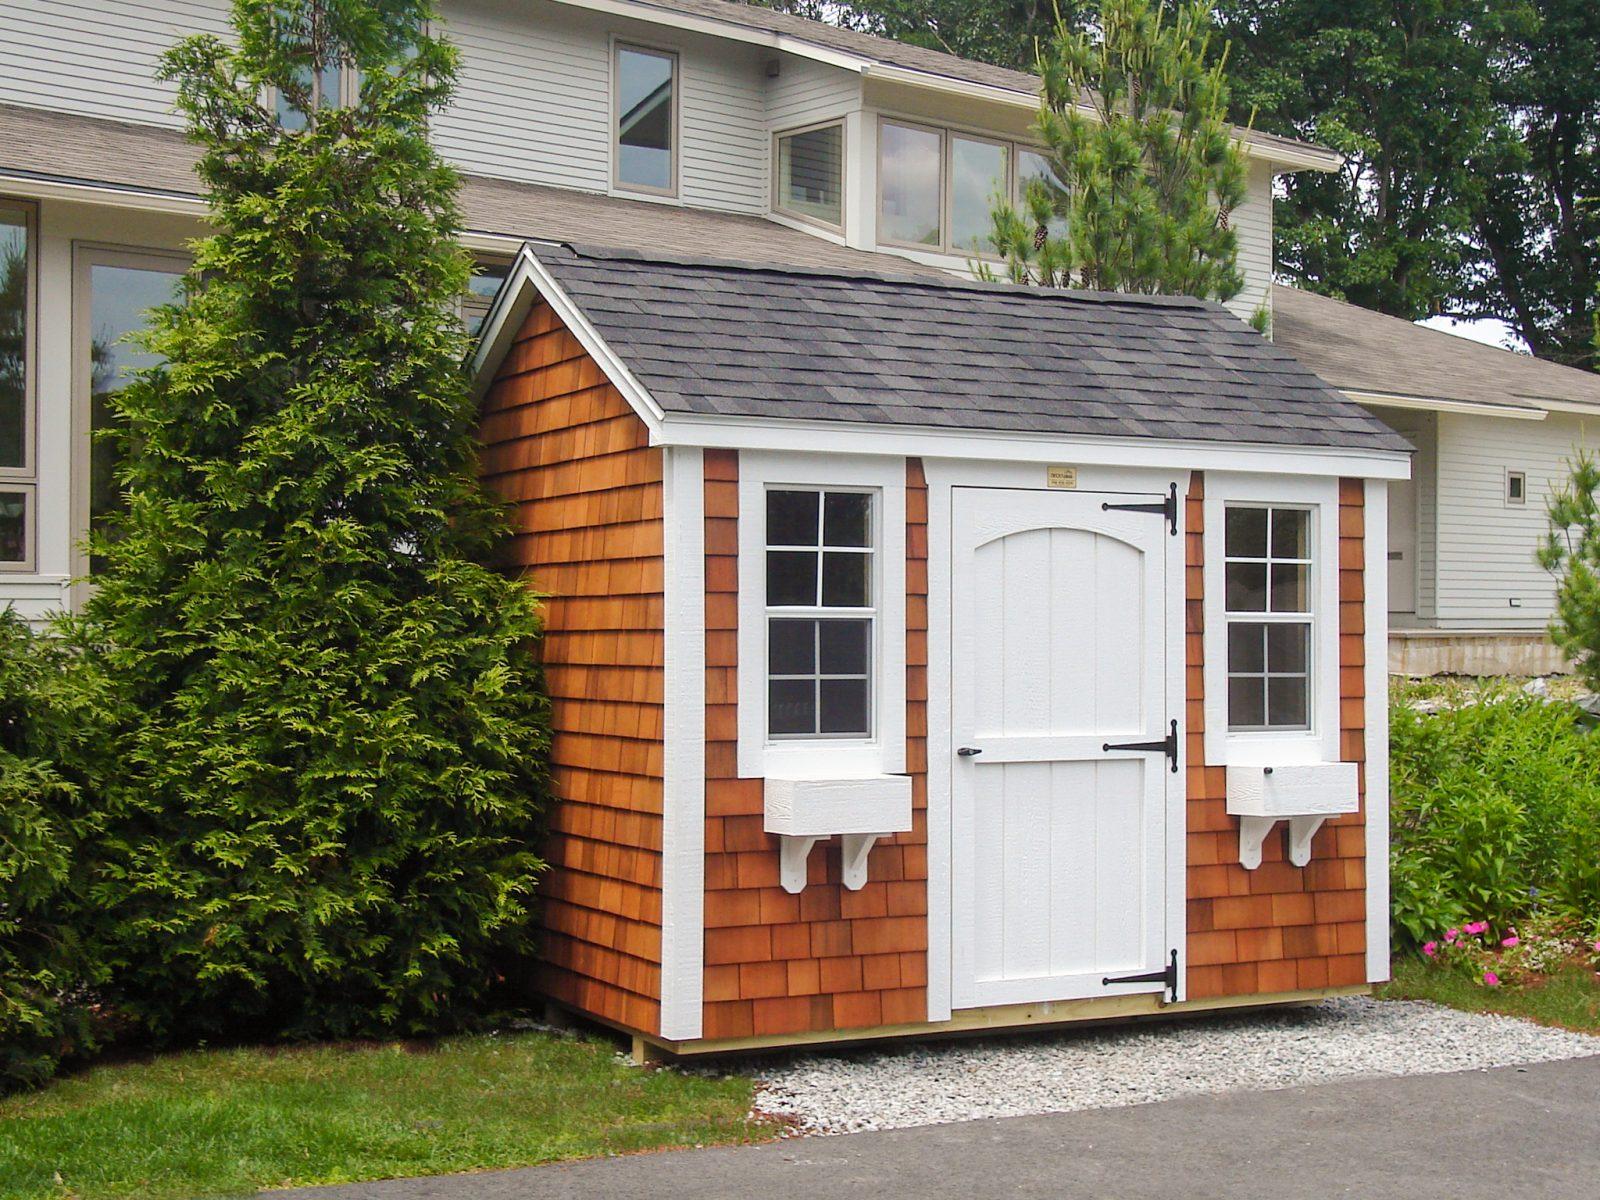 small garden storage space